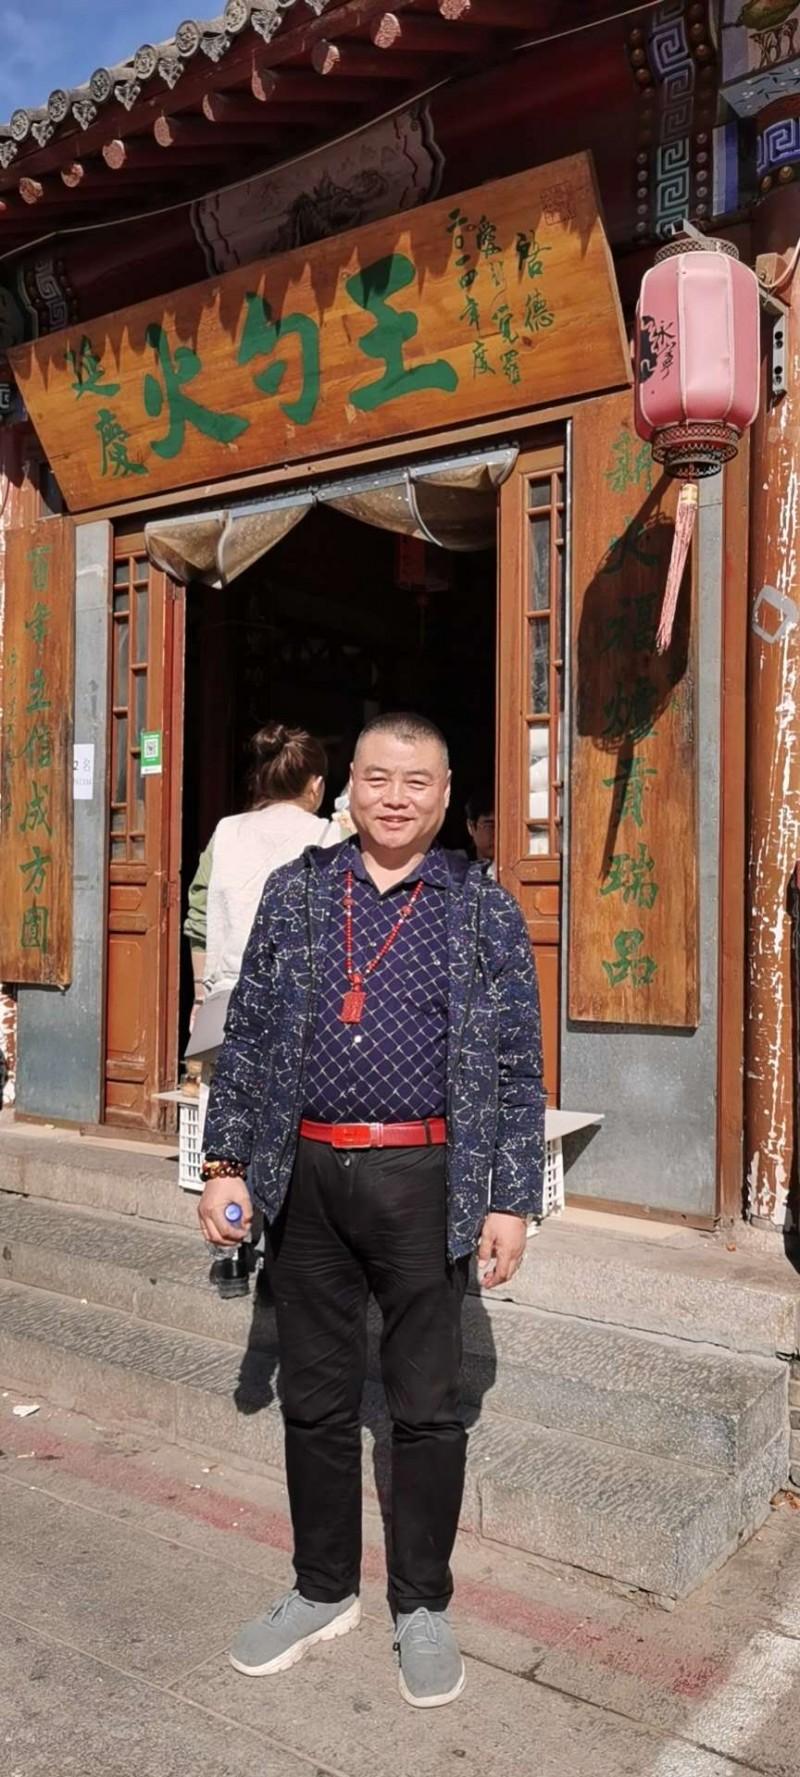 中国楹联学会中宣盛世文化艺术交流中心书画风采展示——王雪峰